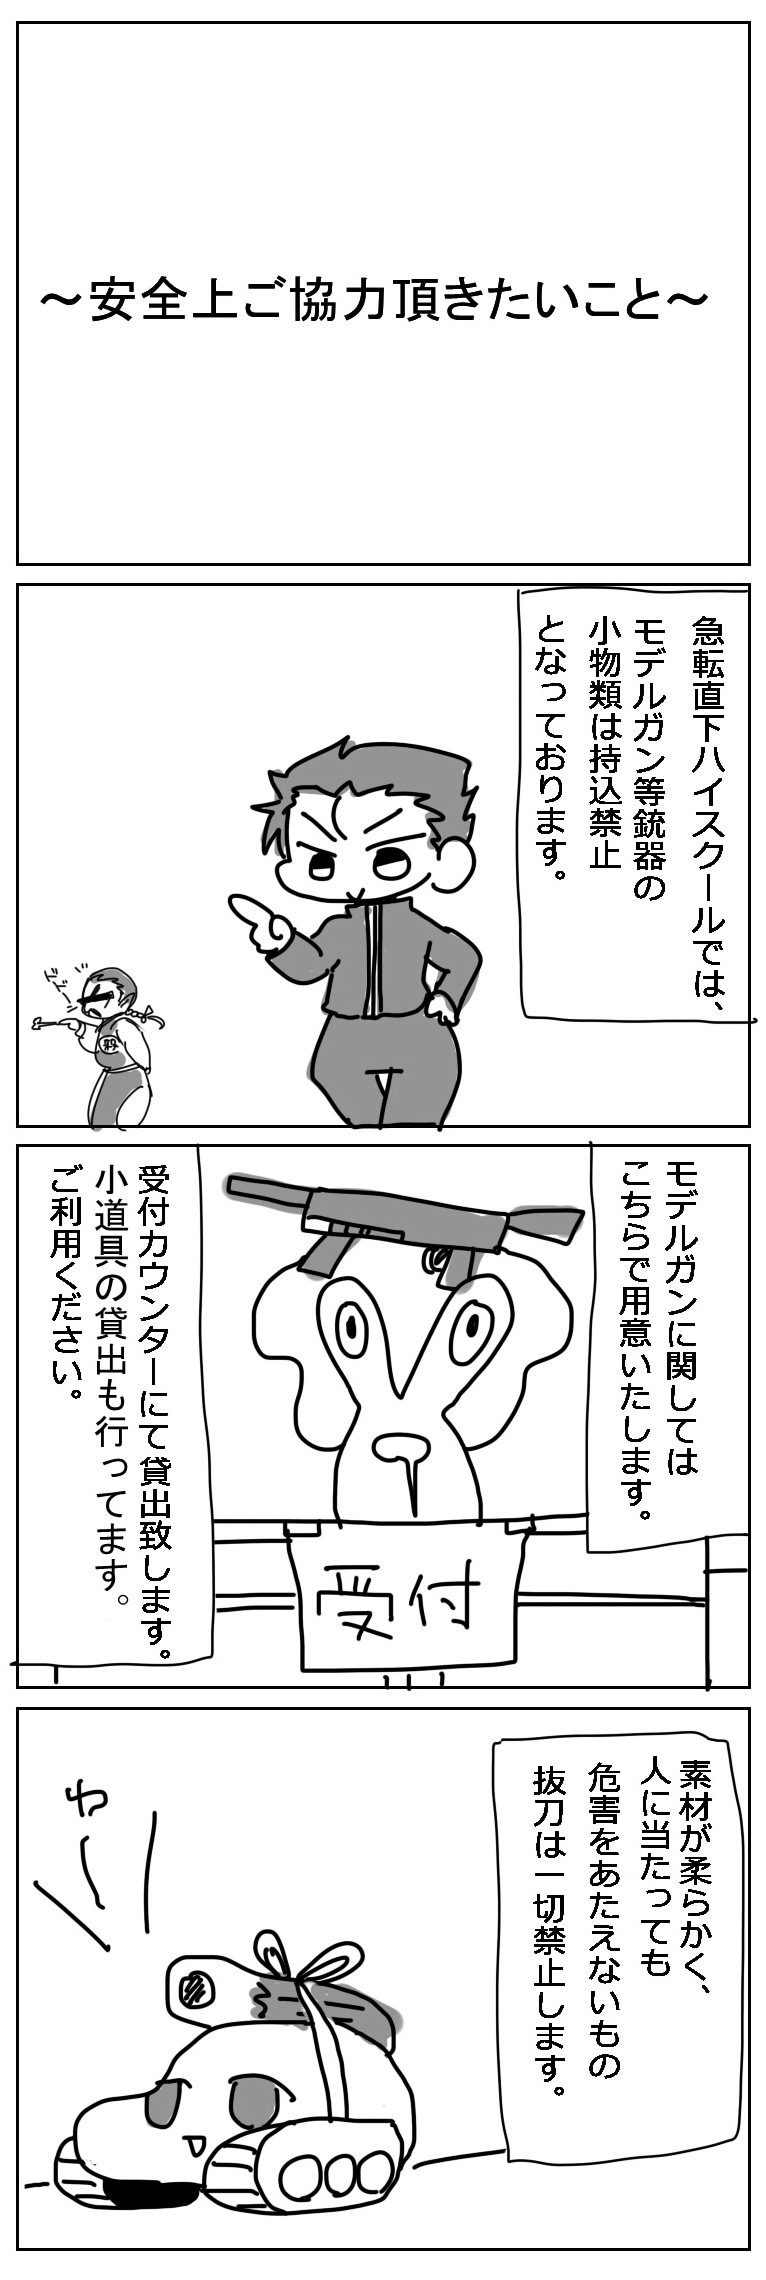 コスプレガイドライン改訂01